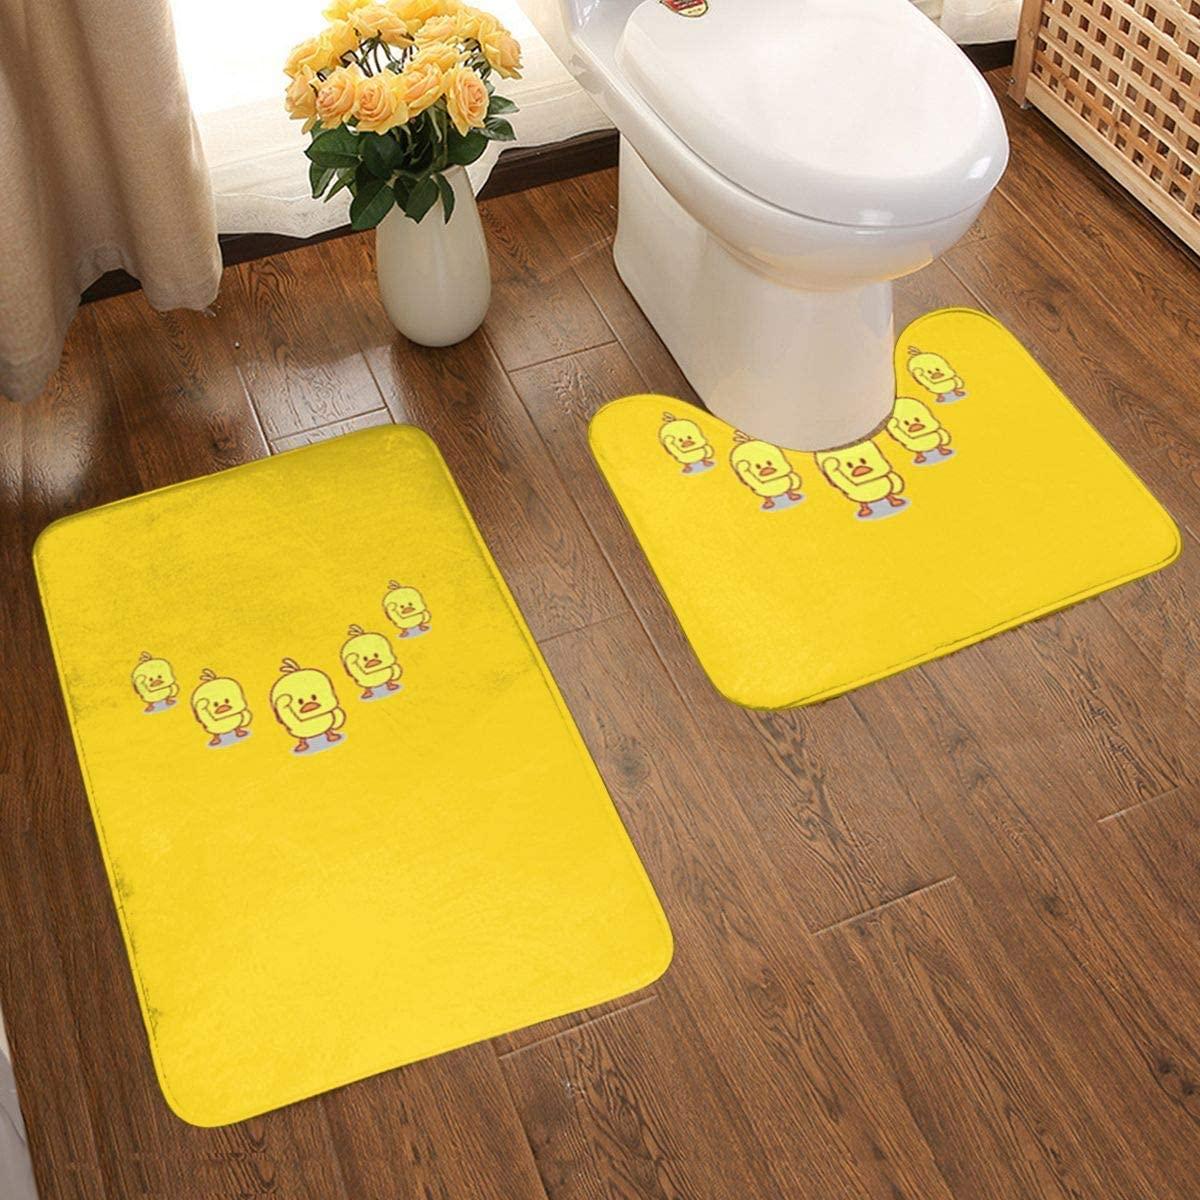 Yellow Tweety Duck Bath Mats Set 2 Pieces Non-Slip Absorbent Water Bathroom Pad Toilet Mat Easy to Clean Bathroom Floor